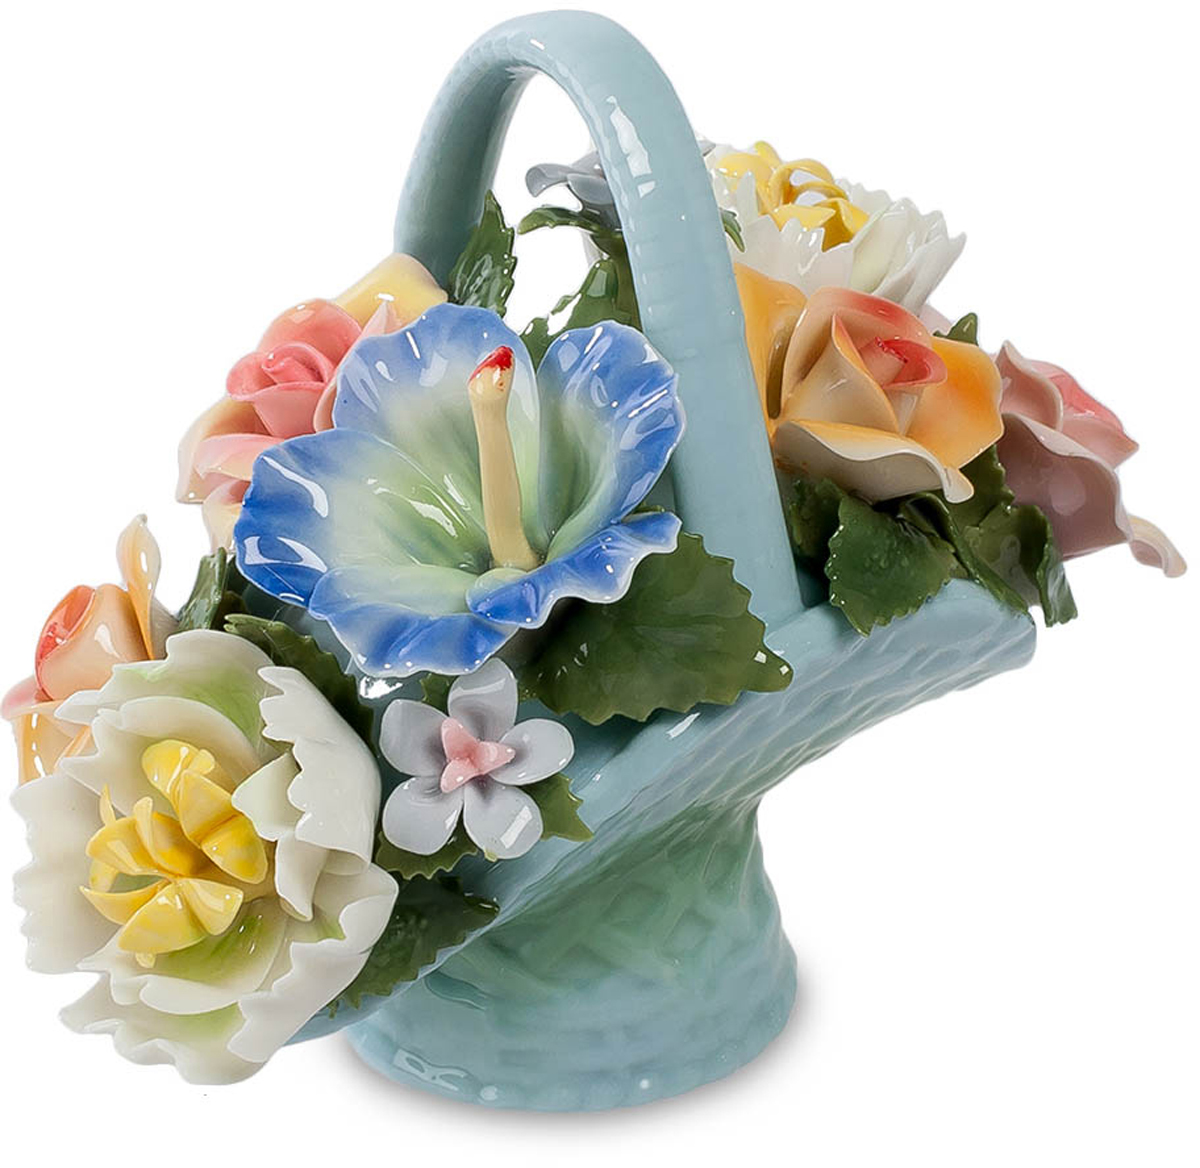 Композиция Pavone Цветочная корзина. CMS-33/17CMS-33/17Композиция Цветочная корзина (Pavone) Дарить цветы – великолепная традиция. Когда с развитием современных технологий фарфоровых дел мастера научились делать лепестки искусственных цветов не хуже настоящих, традиция перешла и на подарки, включающие в свой состав цветы из фарфора. Во-первых, они не вянут, им не нужна вода. Они будут стоять неограниченно долго, напоминая о том, кто принес их в подарок и заодно о весне и теплом лете – времени цветения. Во-вторых, появилась возможность делать миниатюрные копии букетов, не занимающие много места и от этого ничуть не менее красивые. Вот пример – голубая фарфоровая корзинка с композицией из прекрасных цветов.